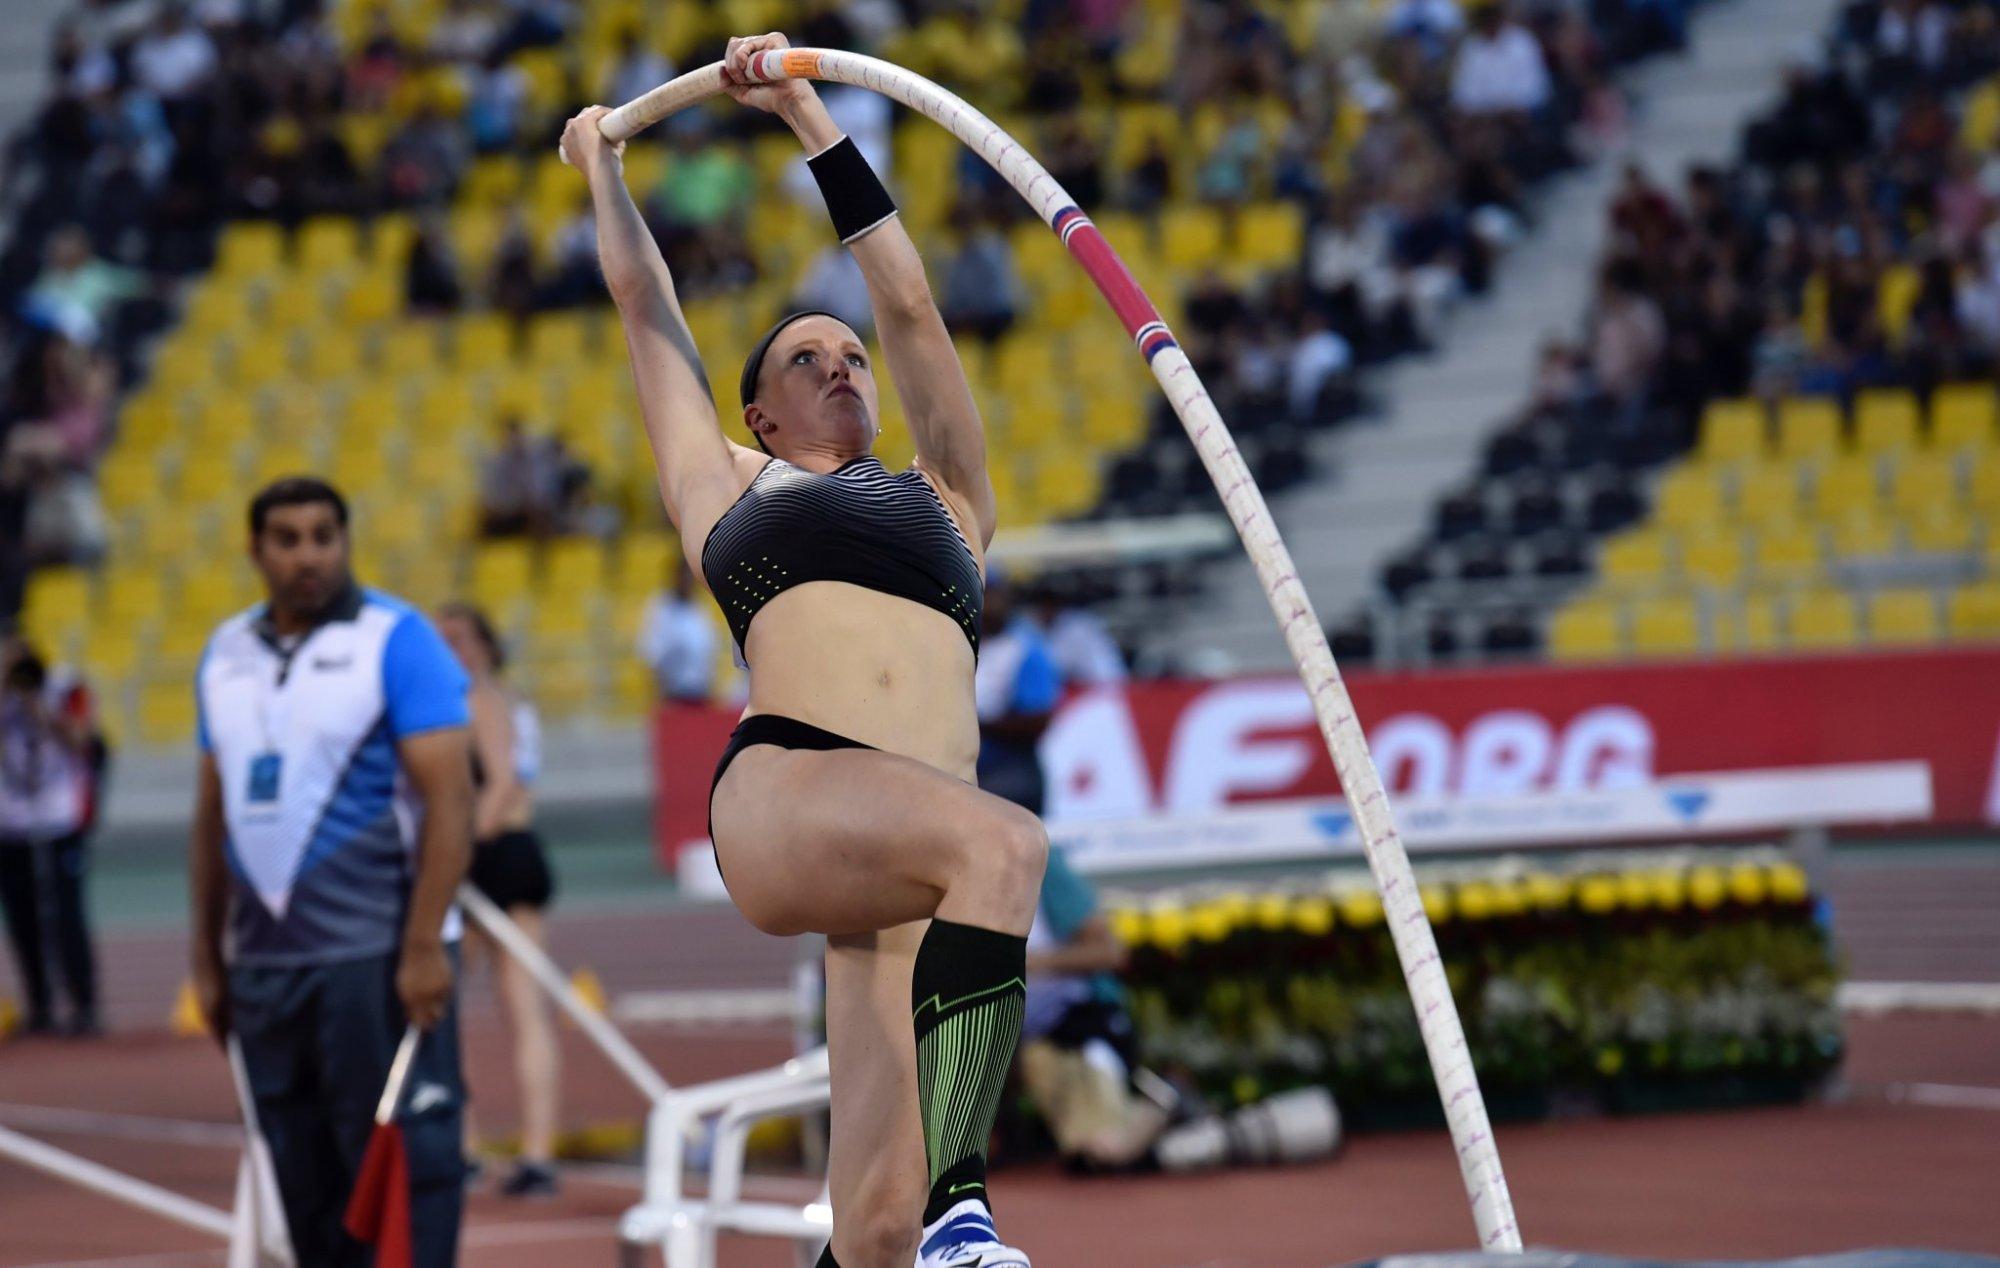 Американка Моррис— 2-ая вистории после Исинбаевой, прыгнувшая на5 метров